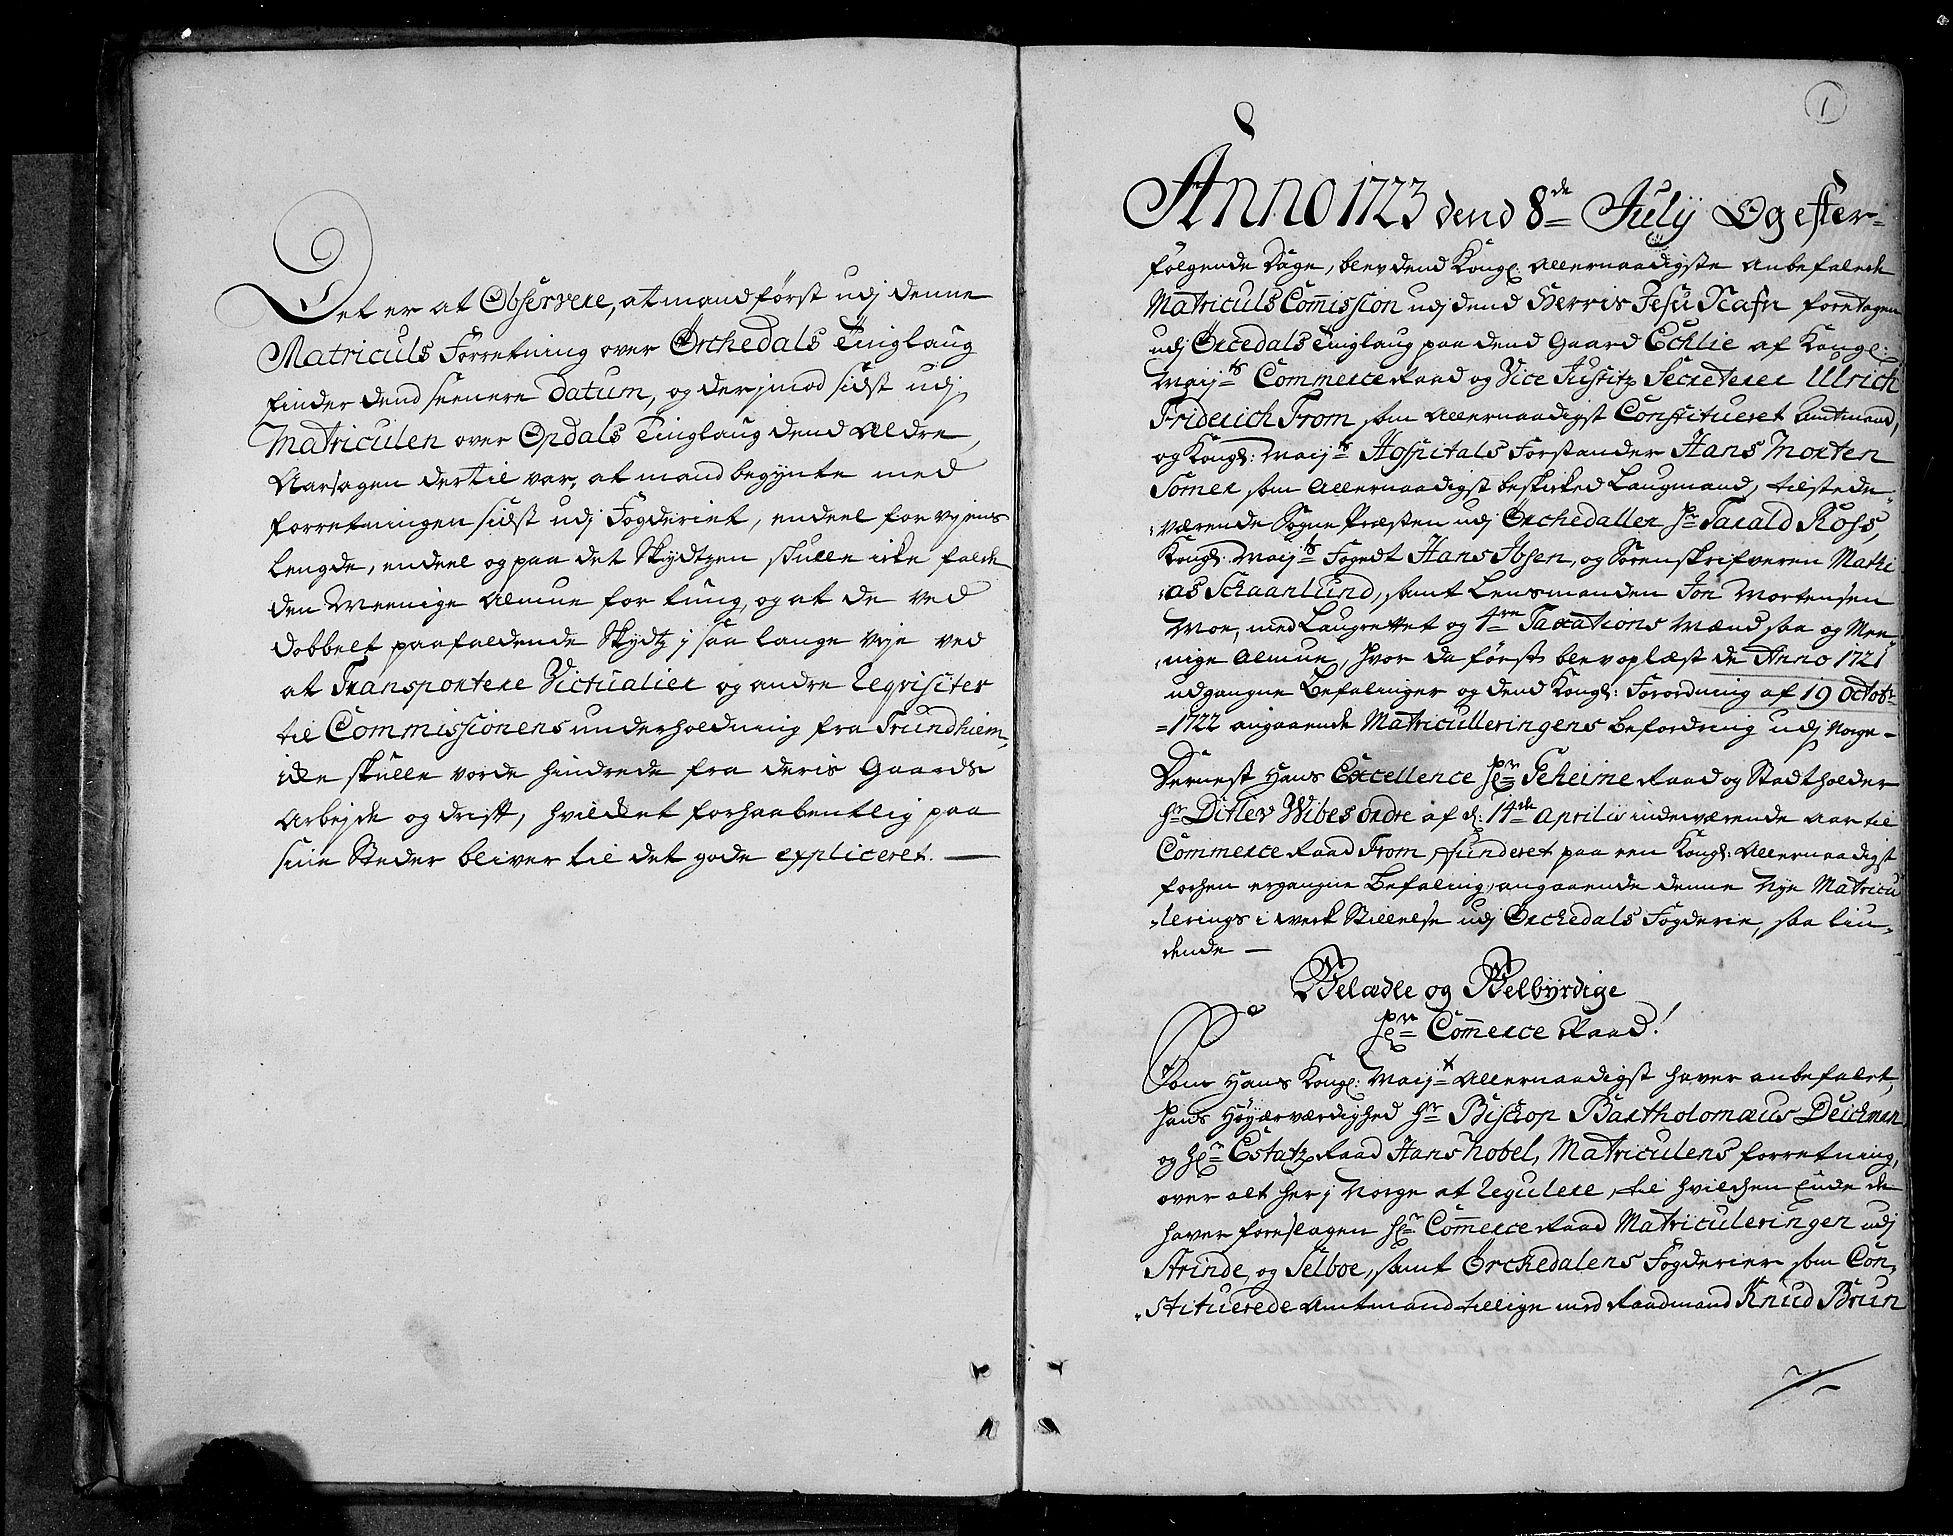 RA, Rentekammeret inntil 1814, Realistisk ordnet avdeling, N/Nb/Nbf/L0156: Orkdal eksaminasjonsprotokoll, 1723, s. 1a